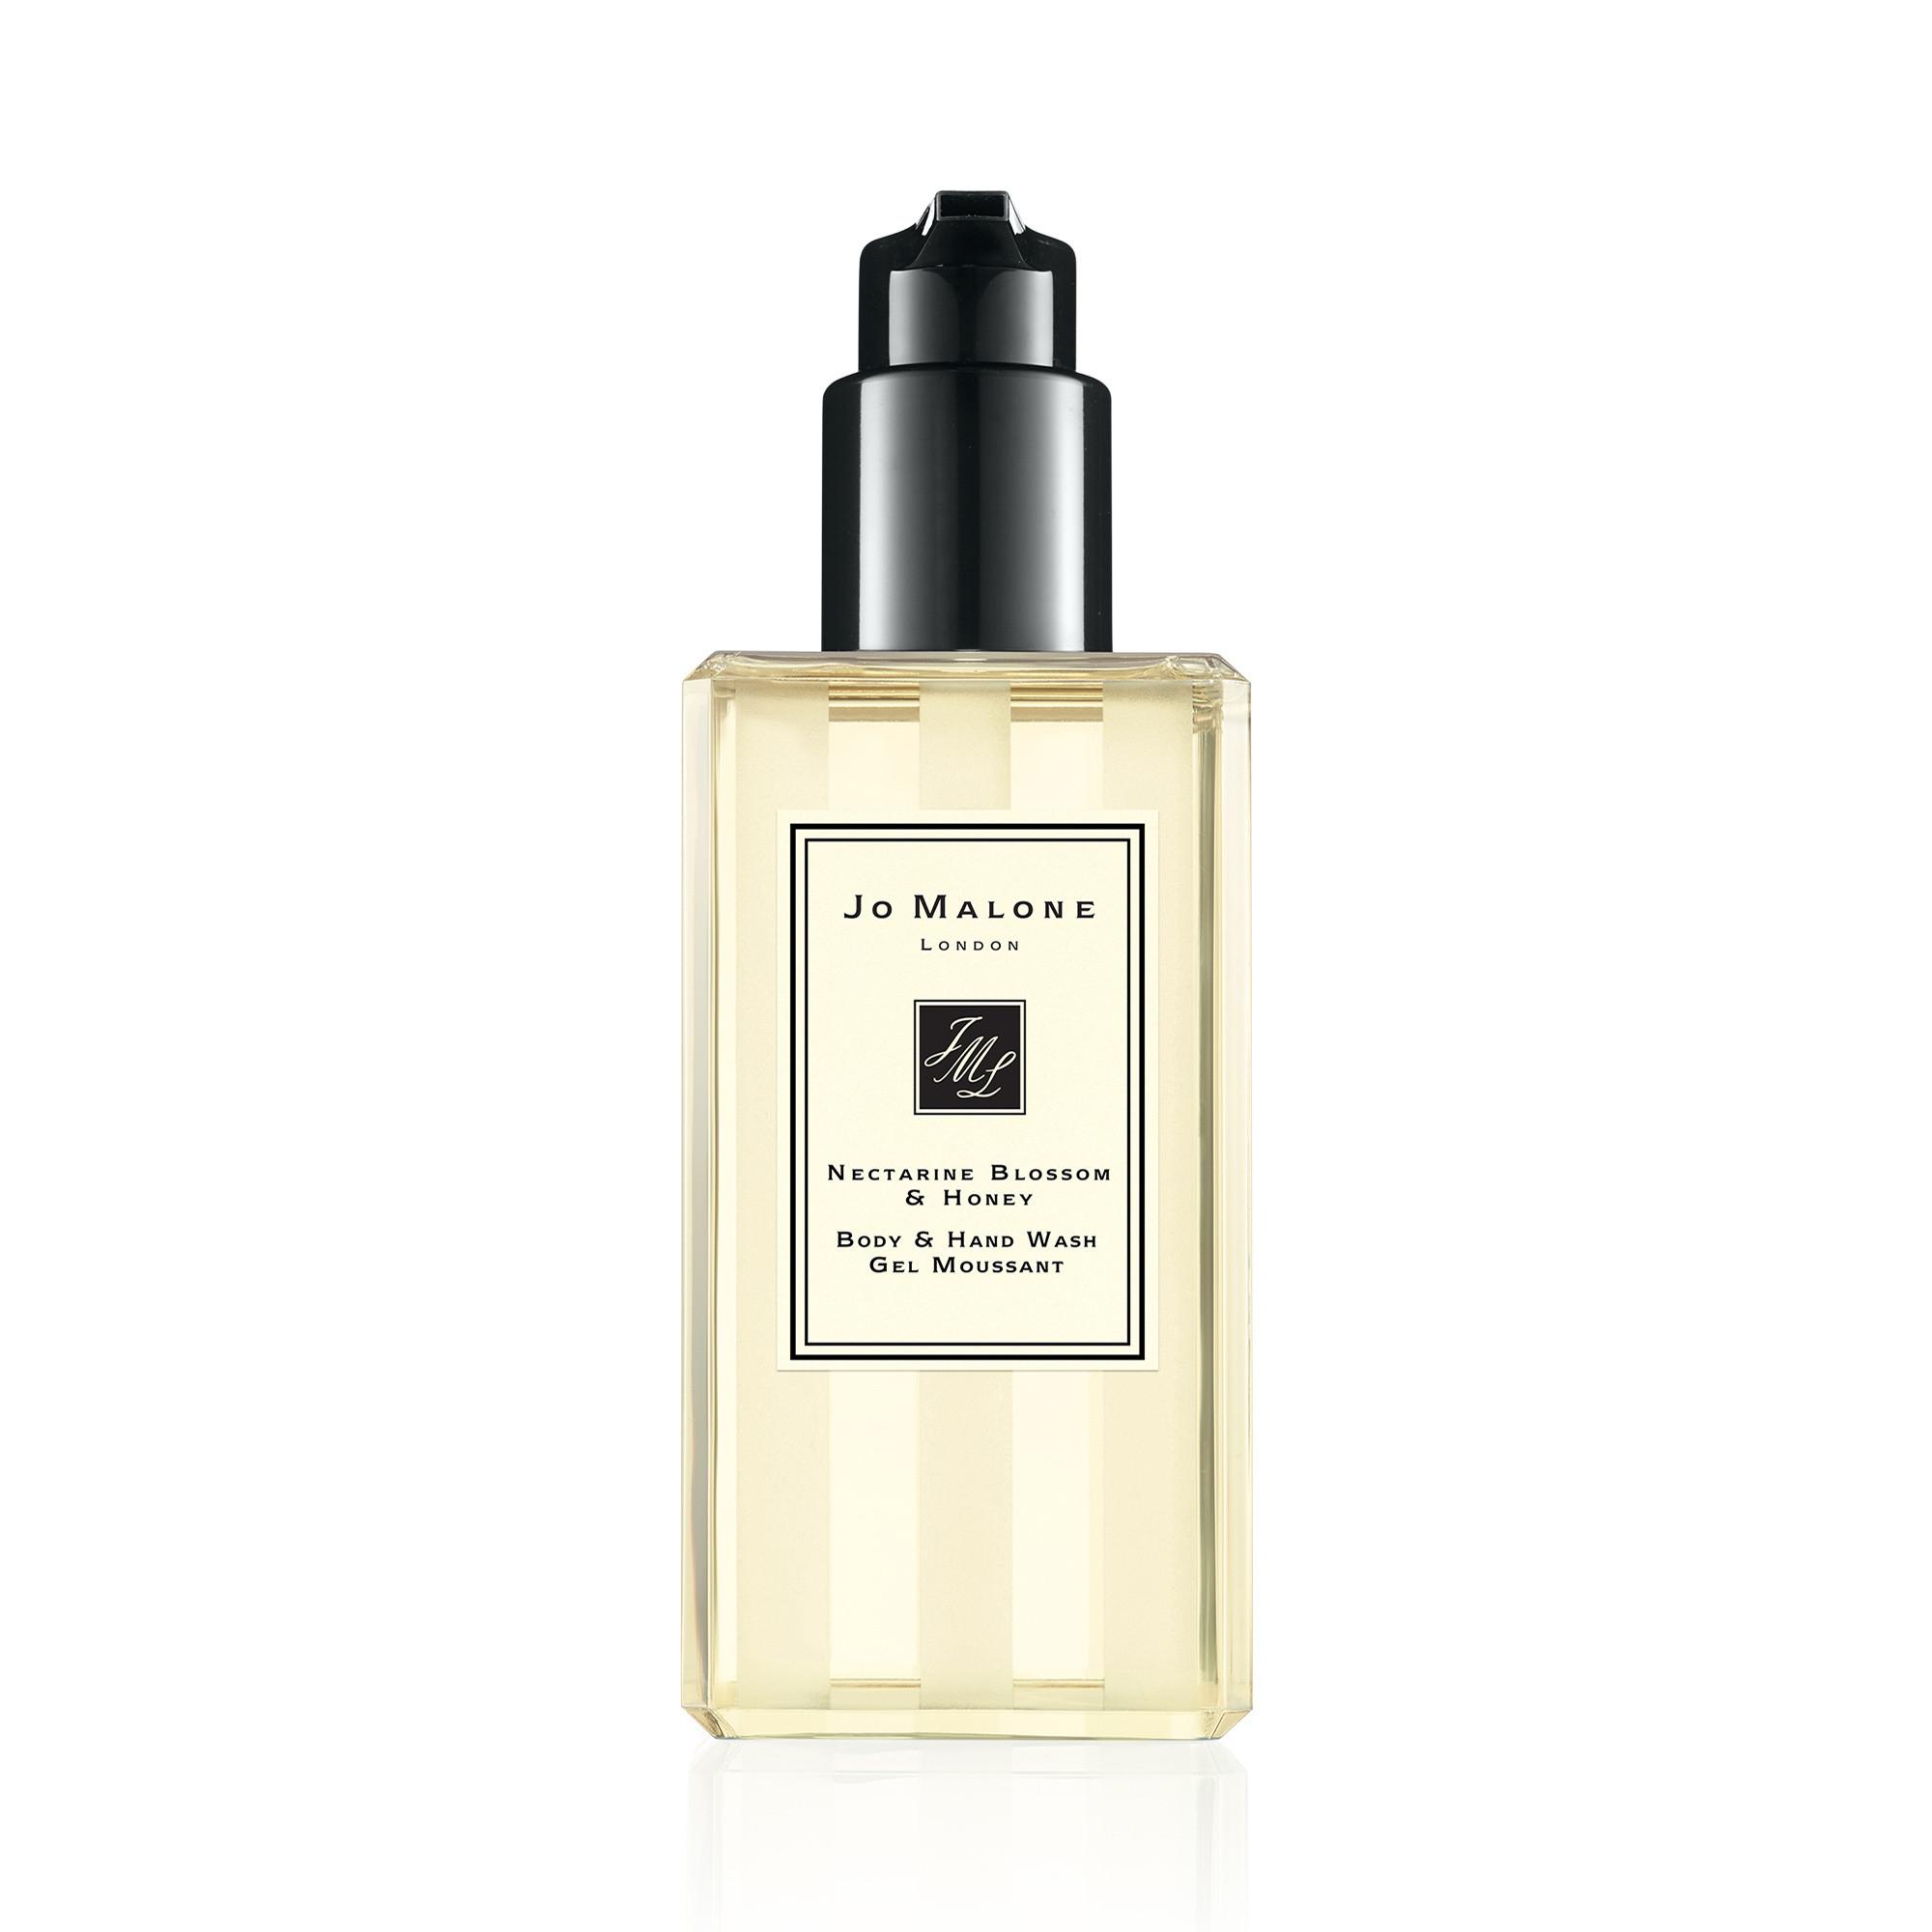 Jo Malone London nectarine blossom & honey body & hand wash 250 ml, Beige, large image number 0